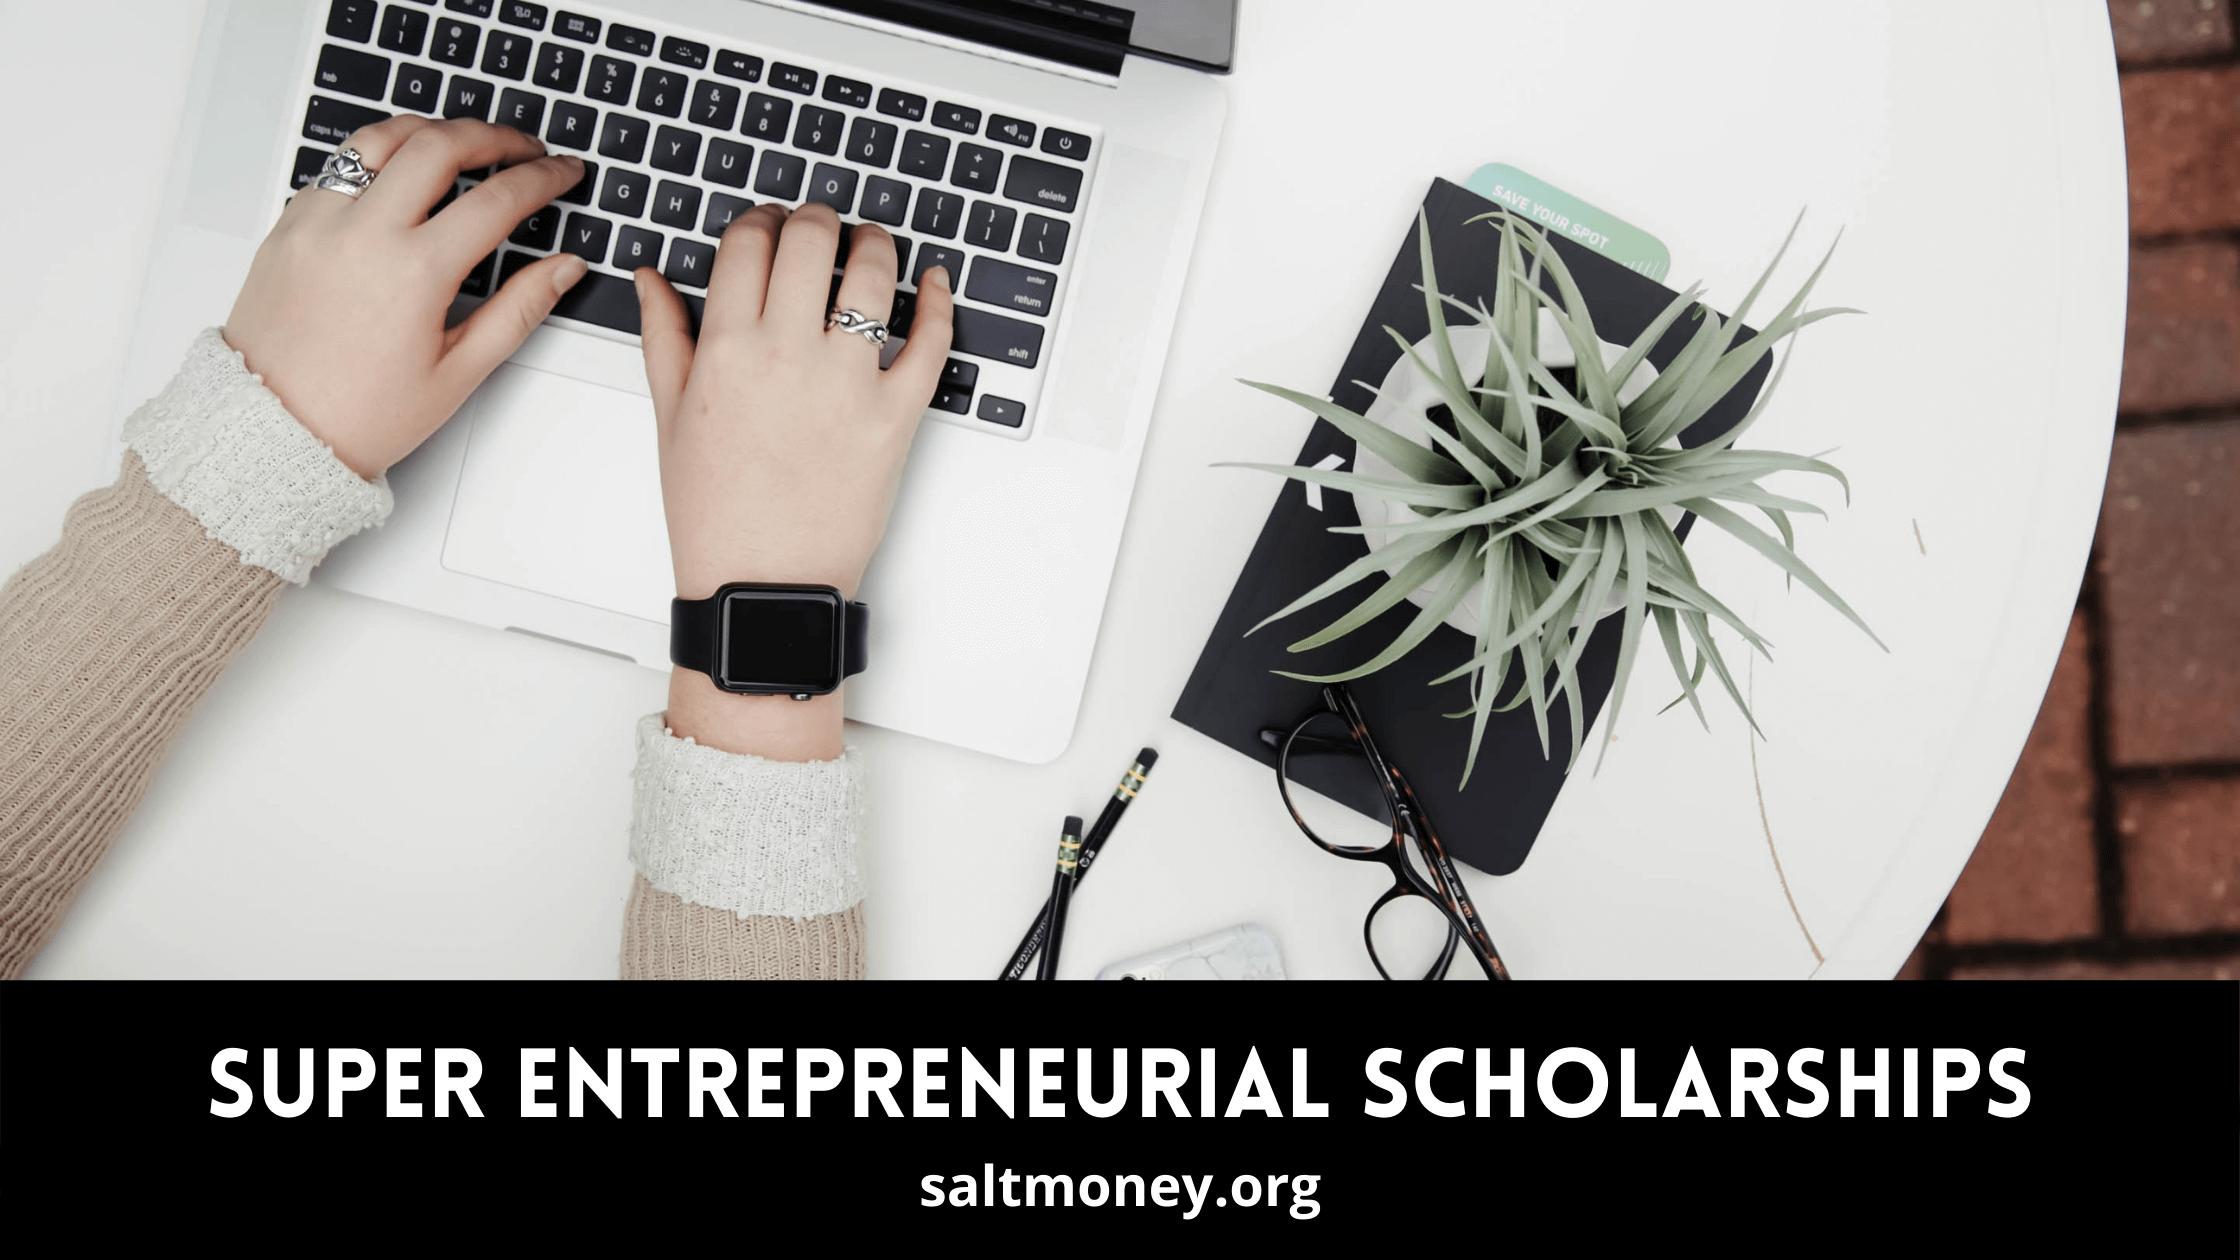 Super Entrepreneurial Scholarships